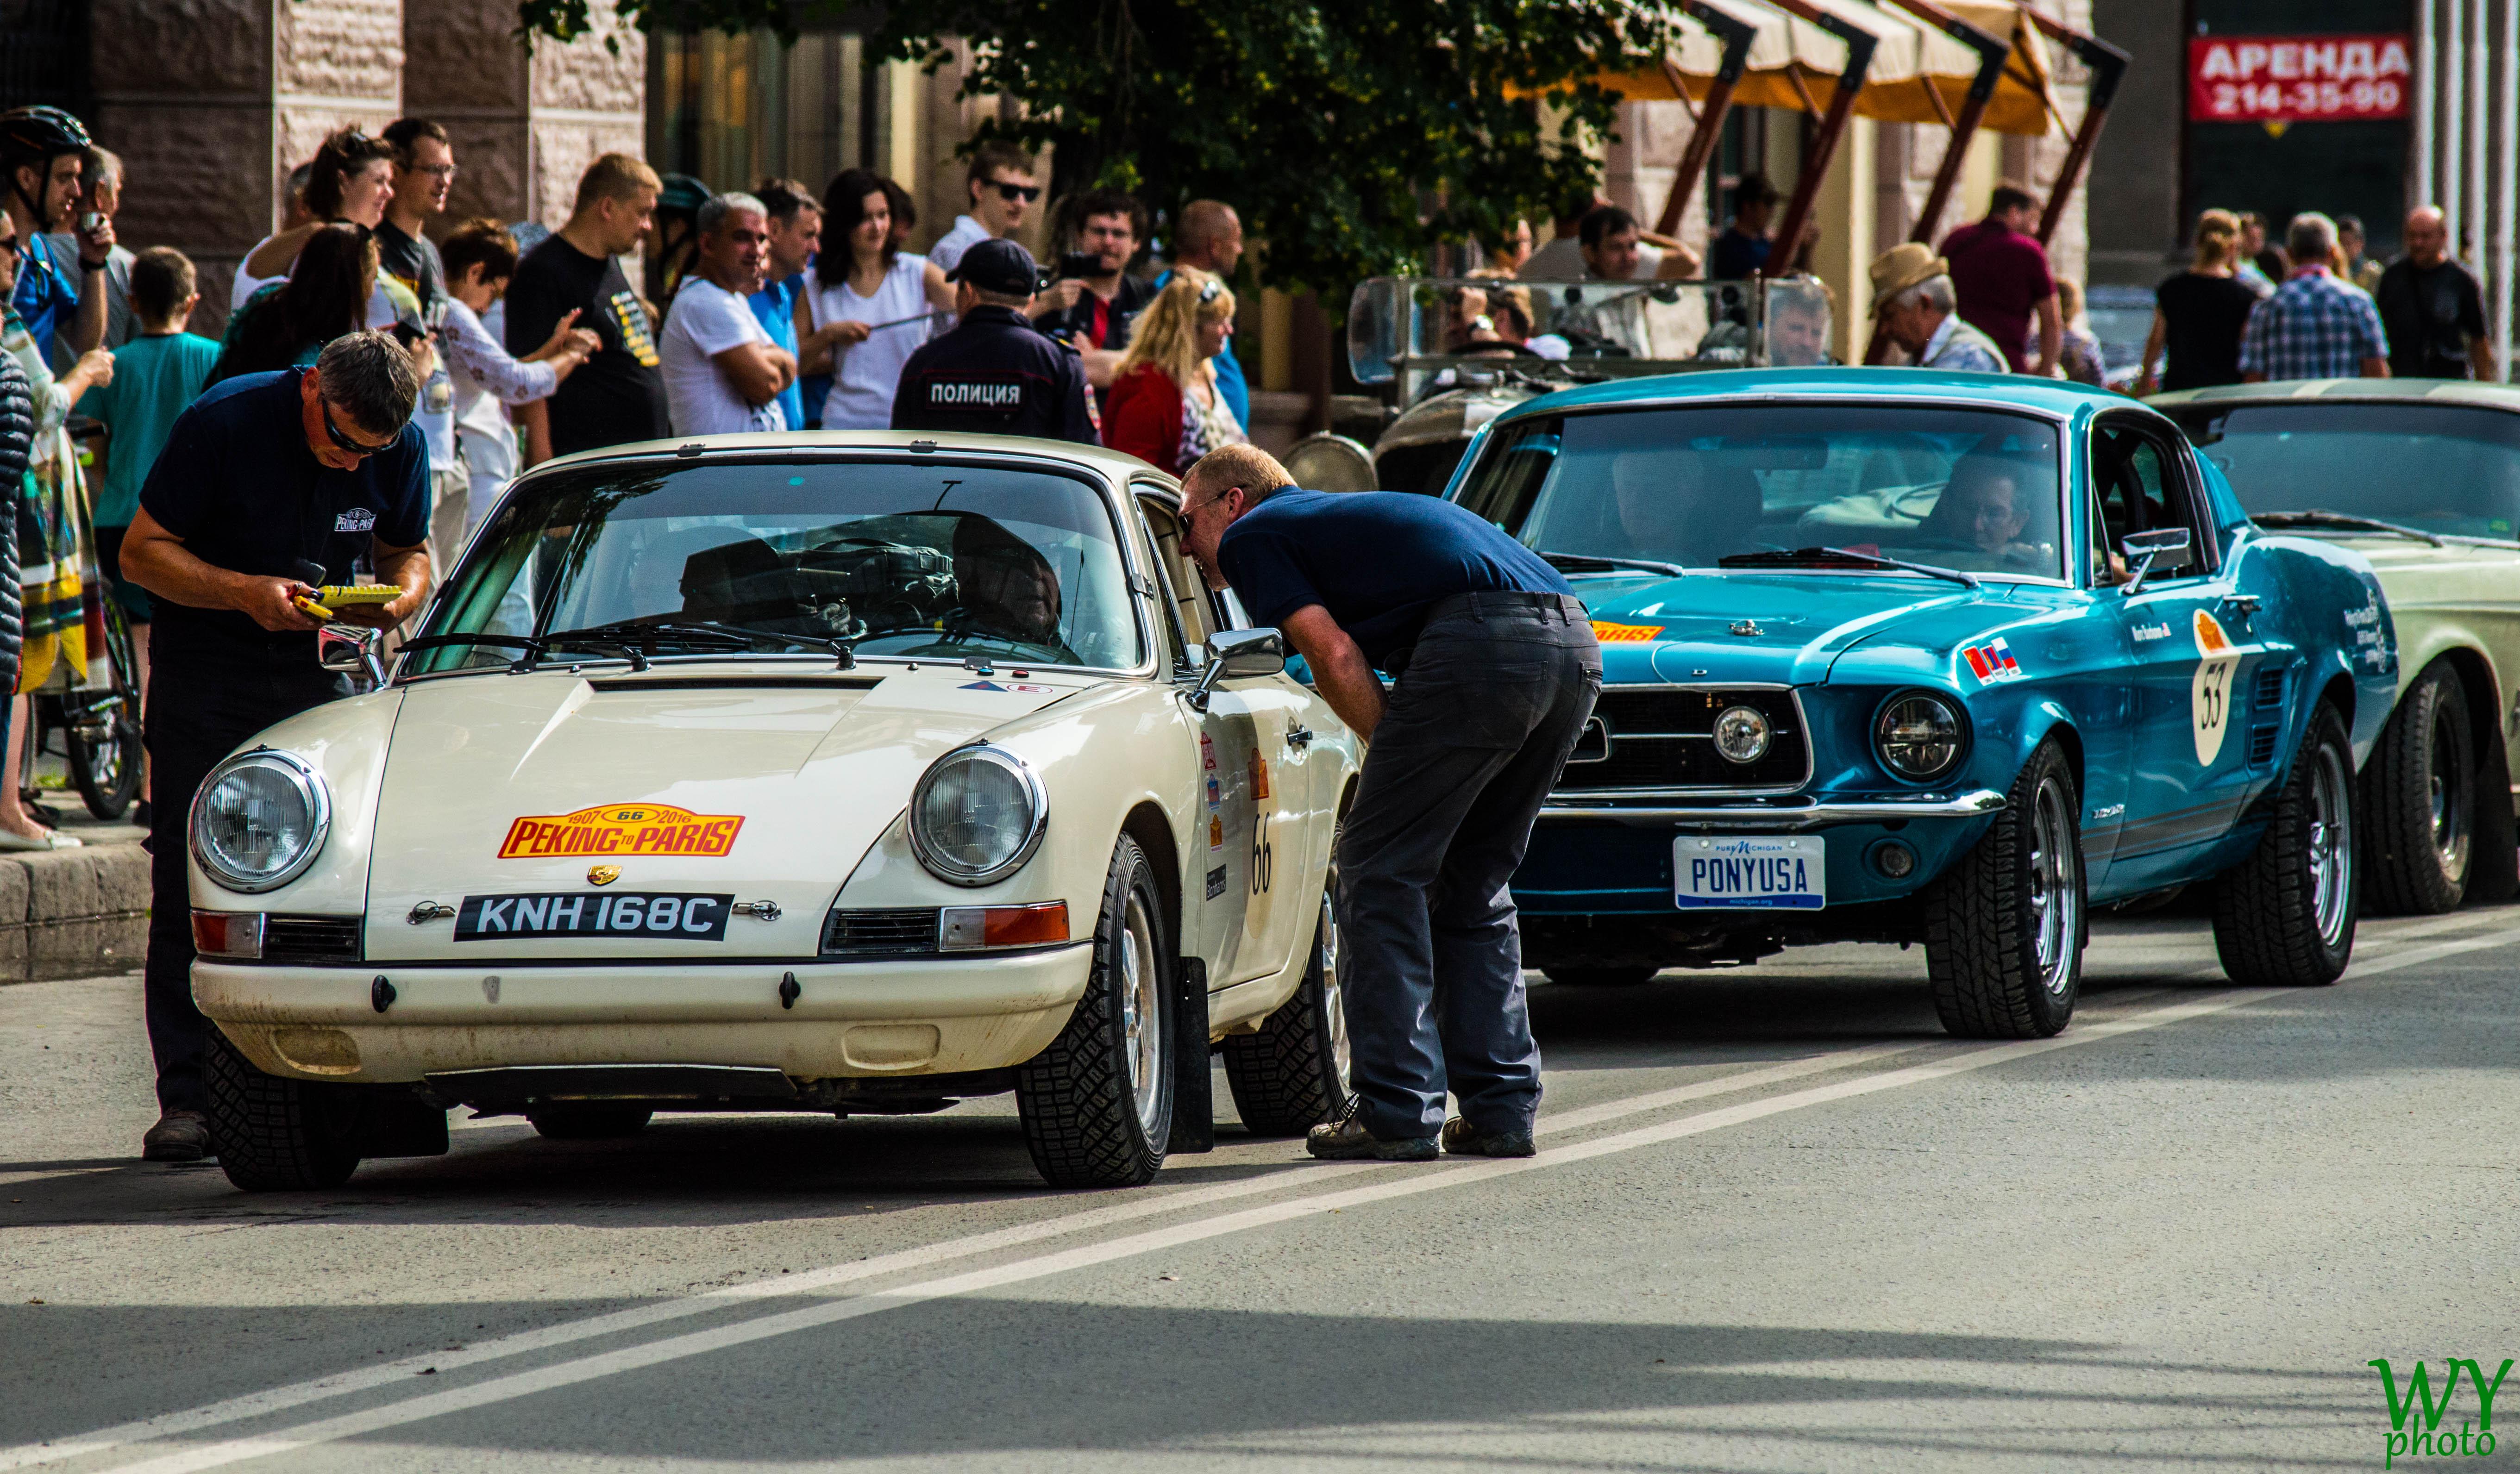 1965 porsche 911 - peter lovett & tim smith photo